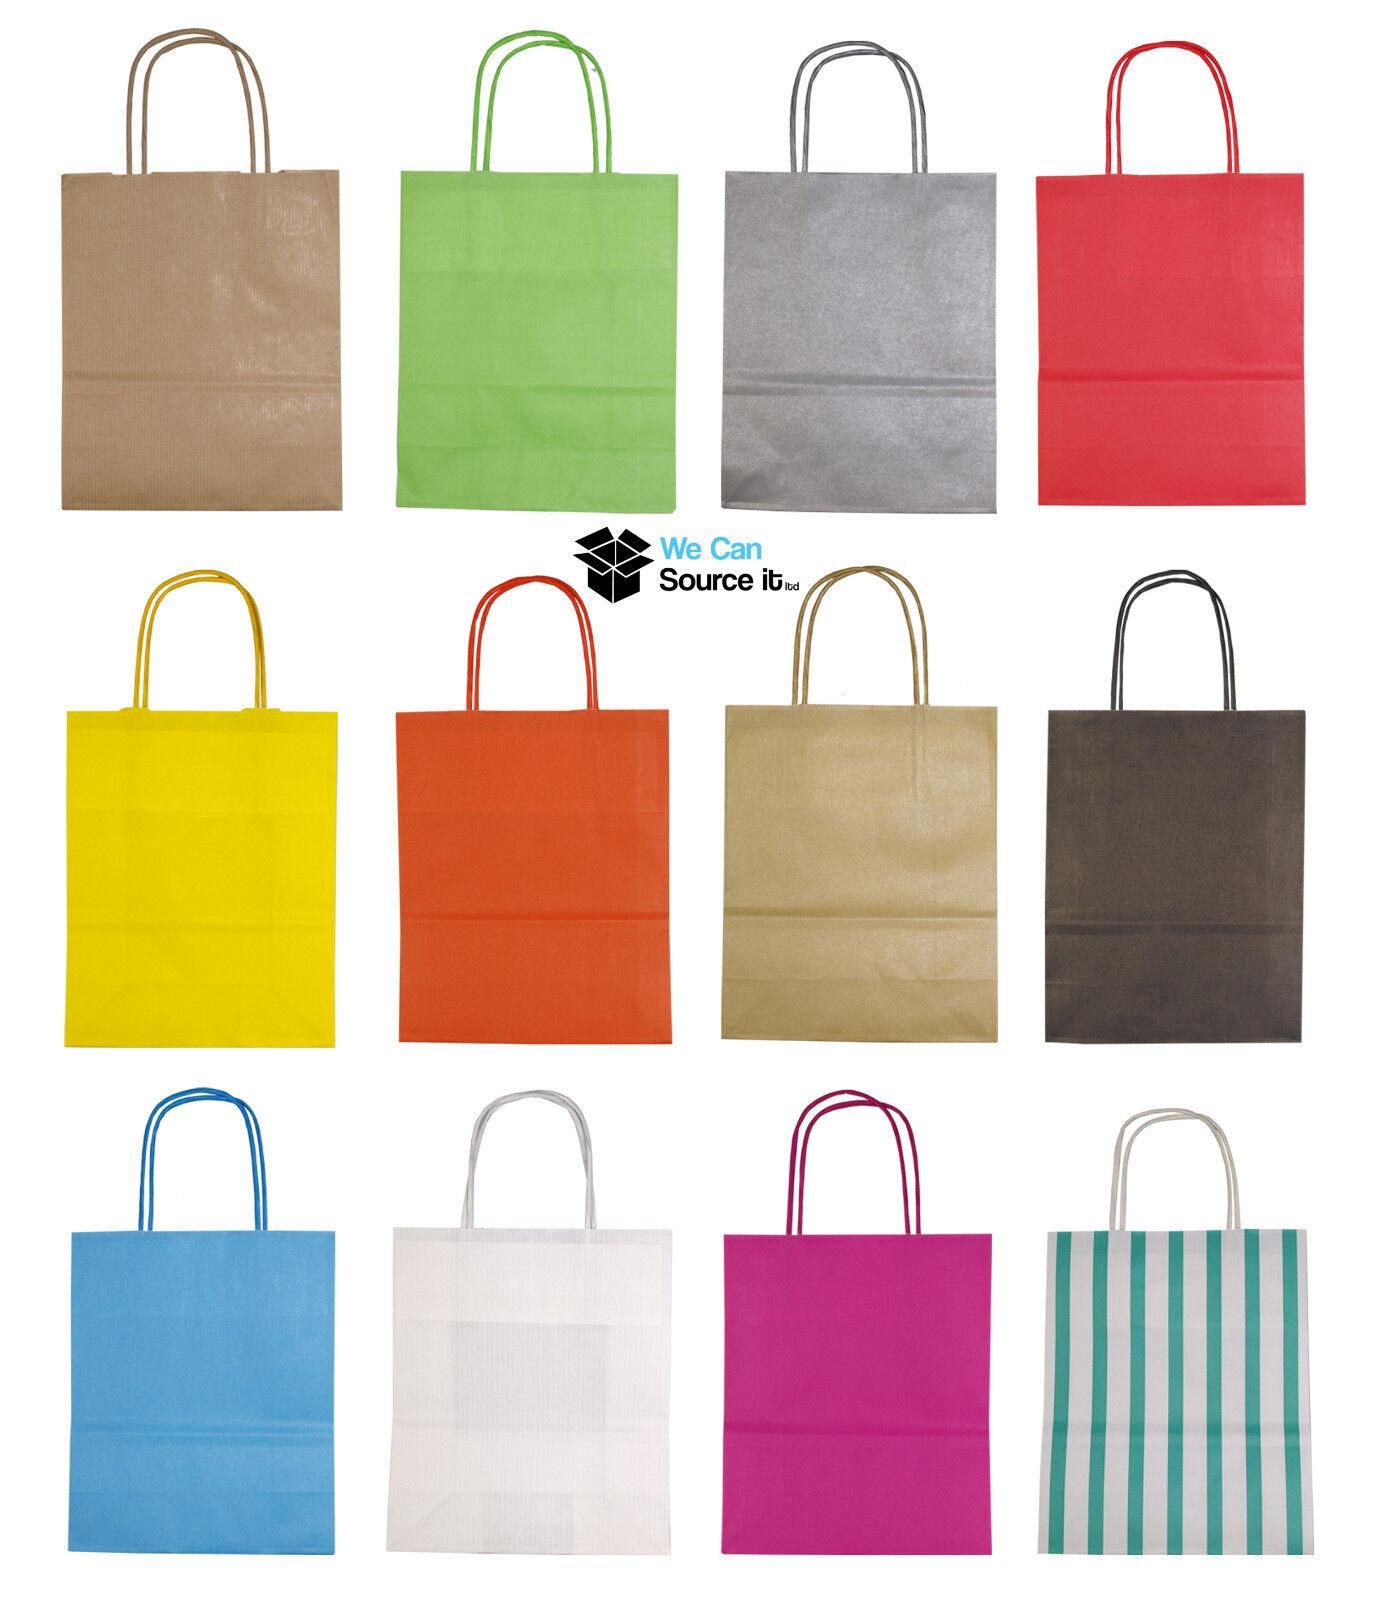 Bolsas de fiesta de lujo-Bolsa De Regalo Papel Kraft-medio A4 Trenzado Asas-Reciclable